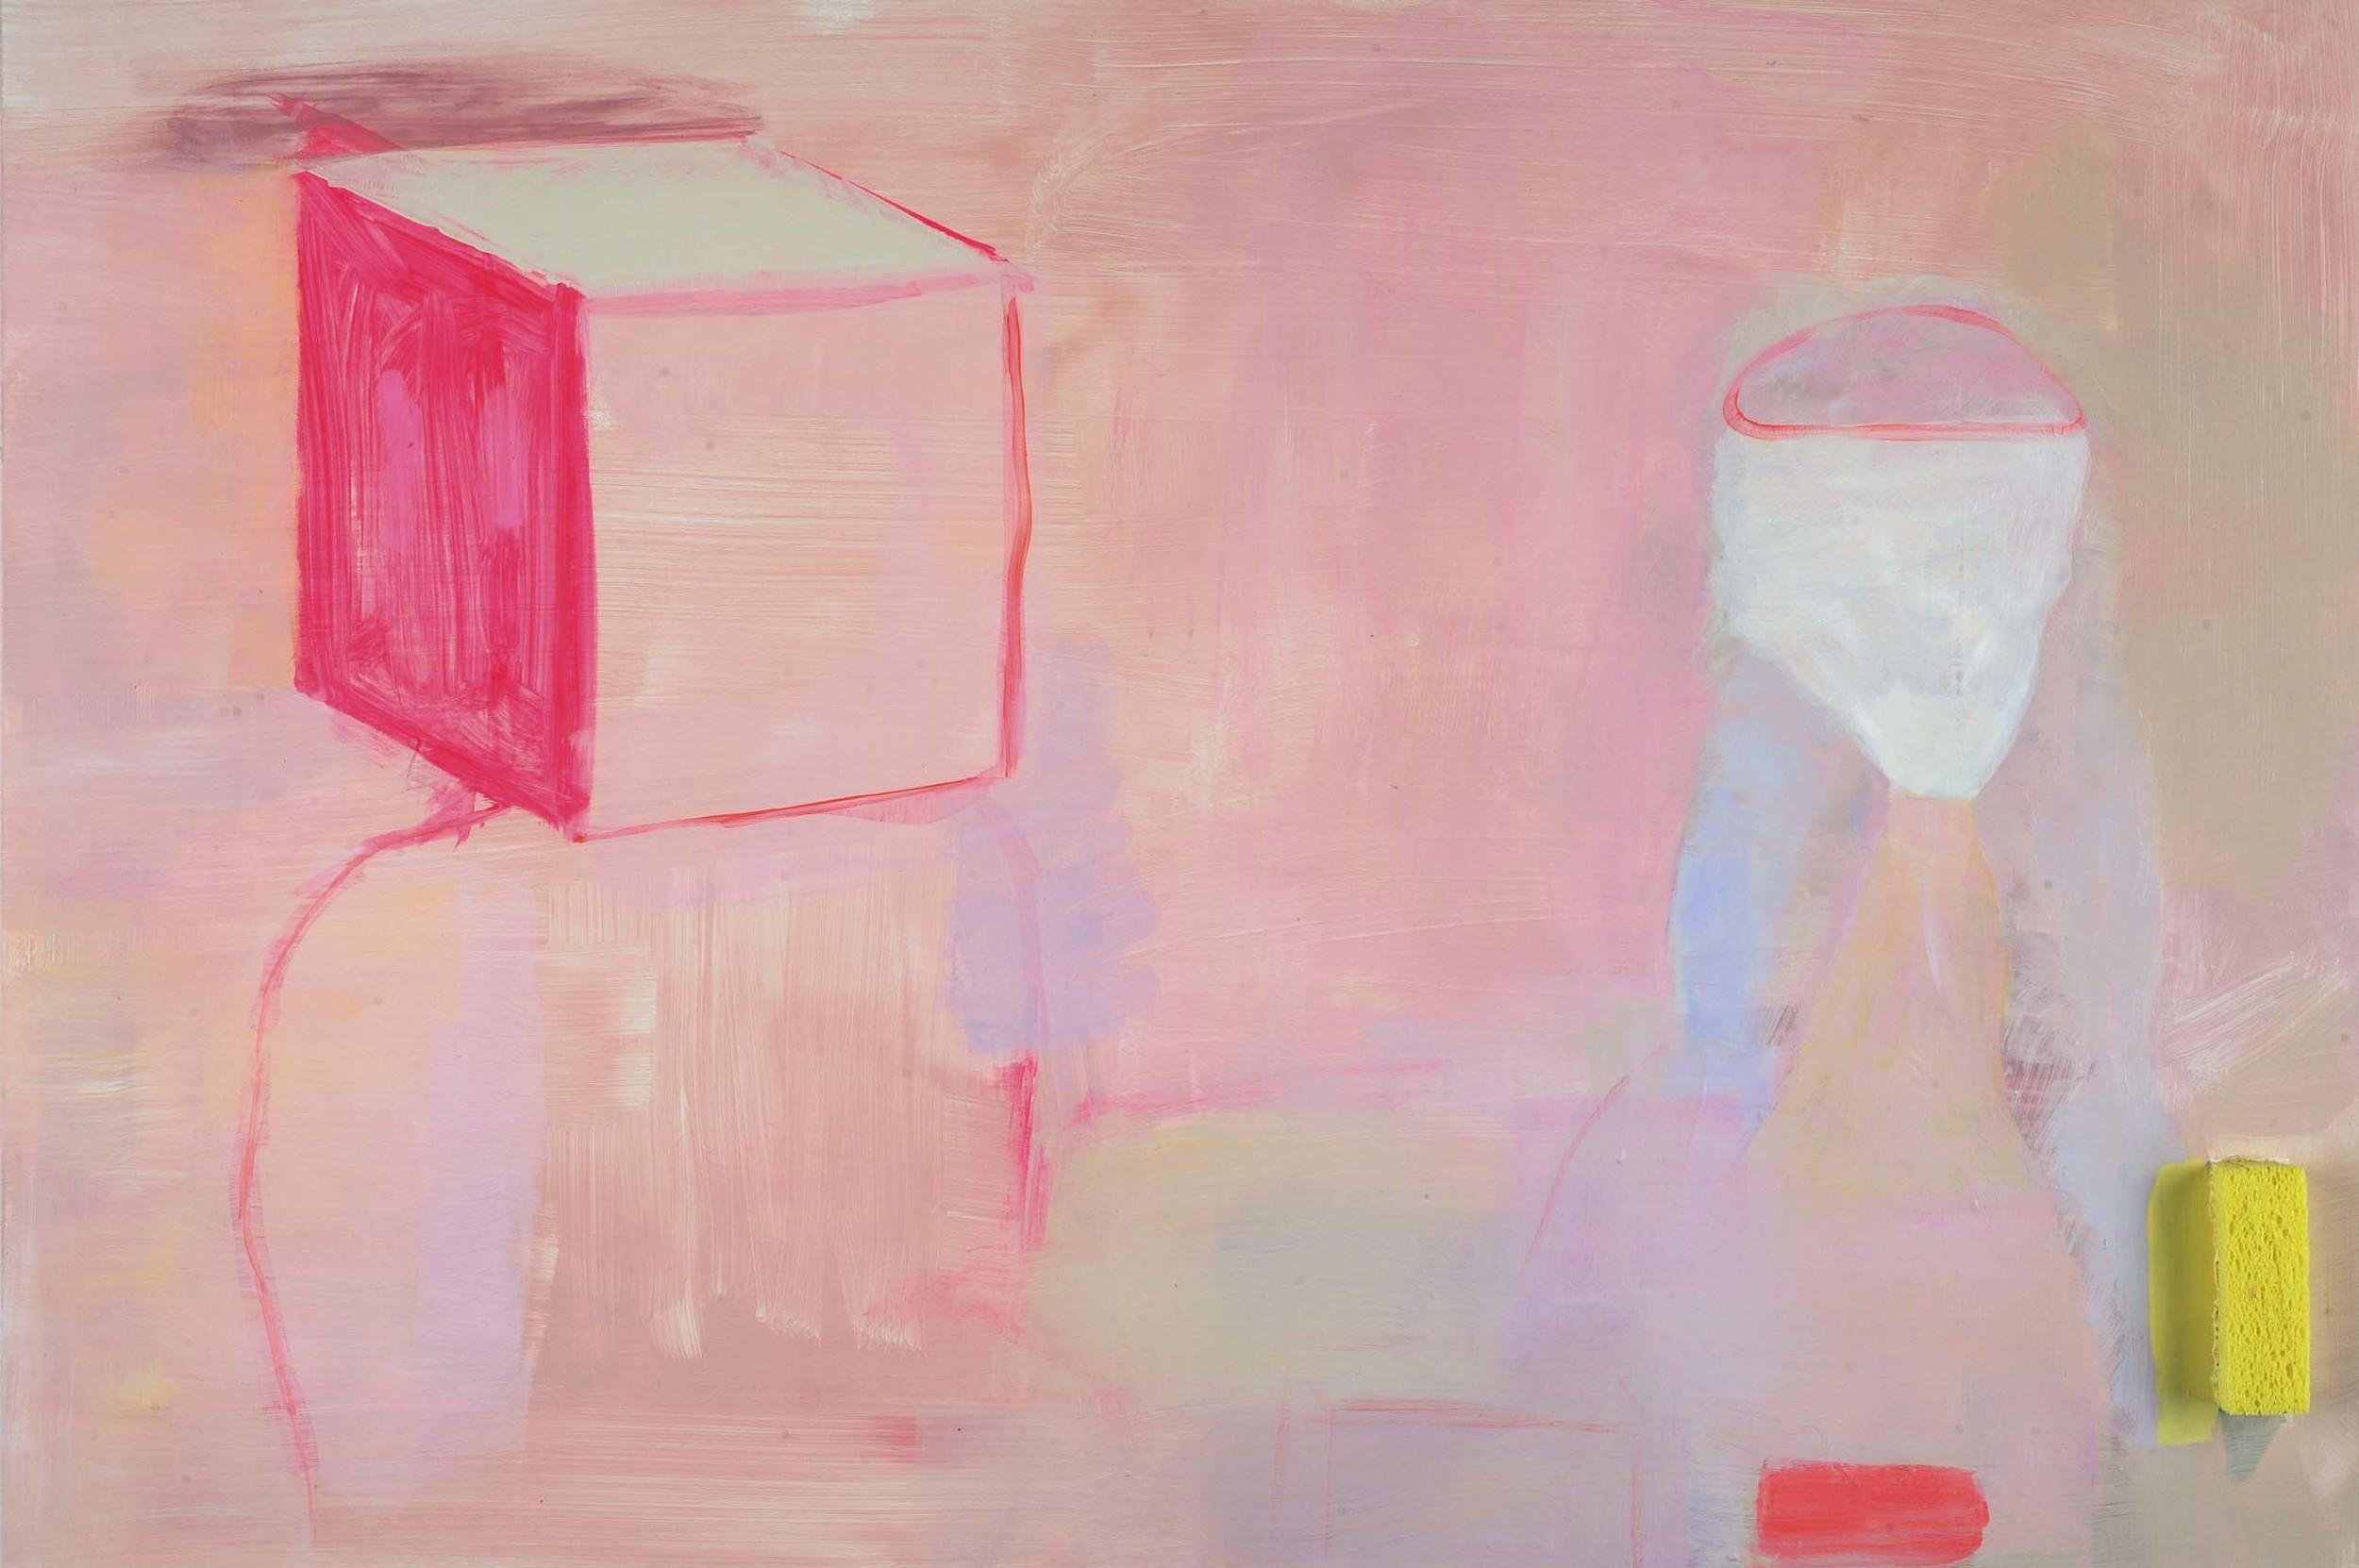 """Blockhead Acryilc, gouache and sponge on wood panel 20"""" x 26"""" 2015"""